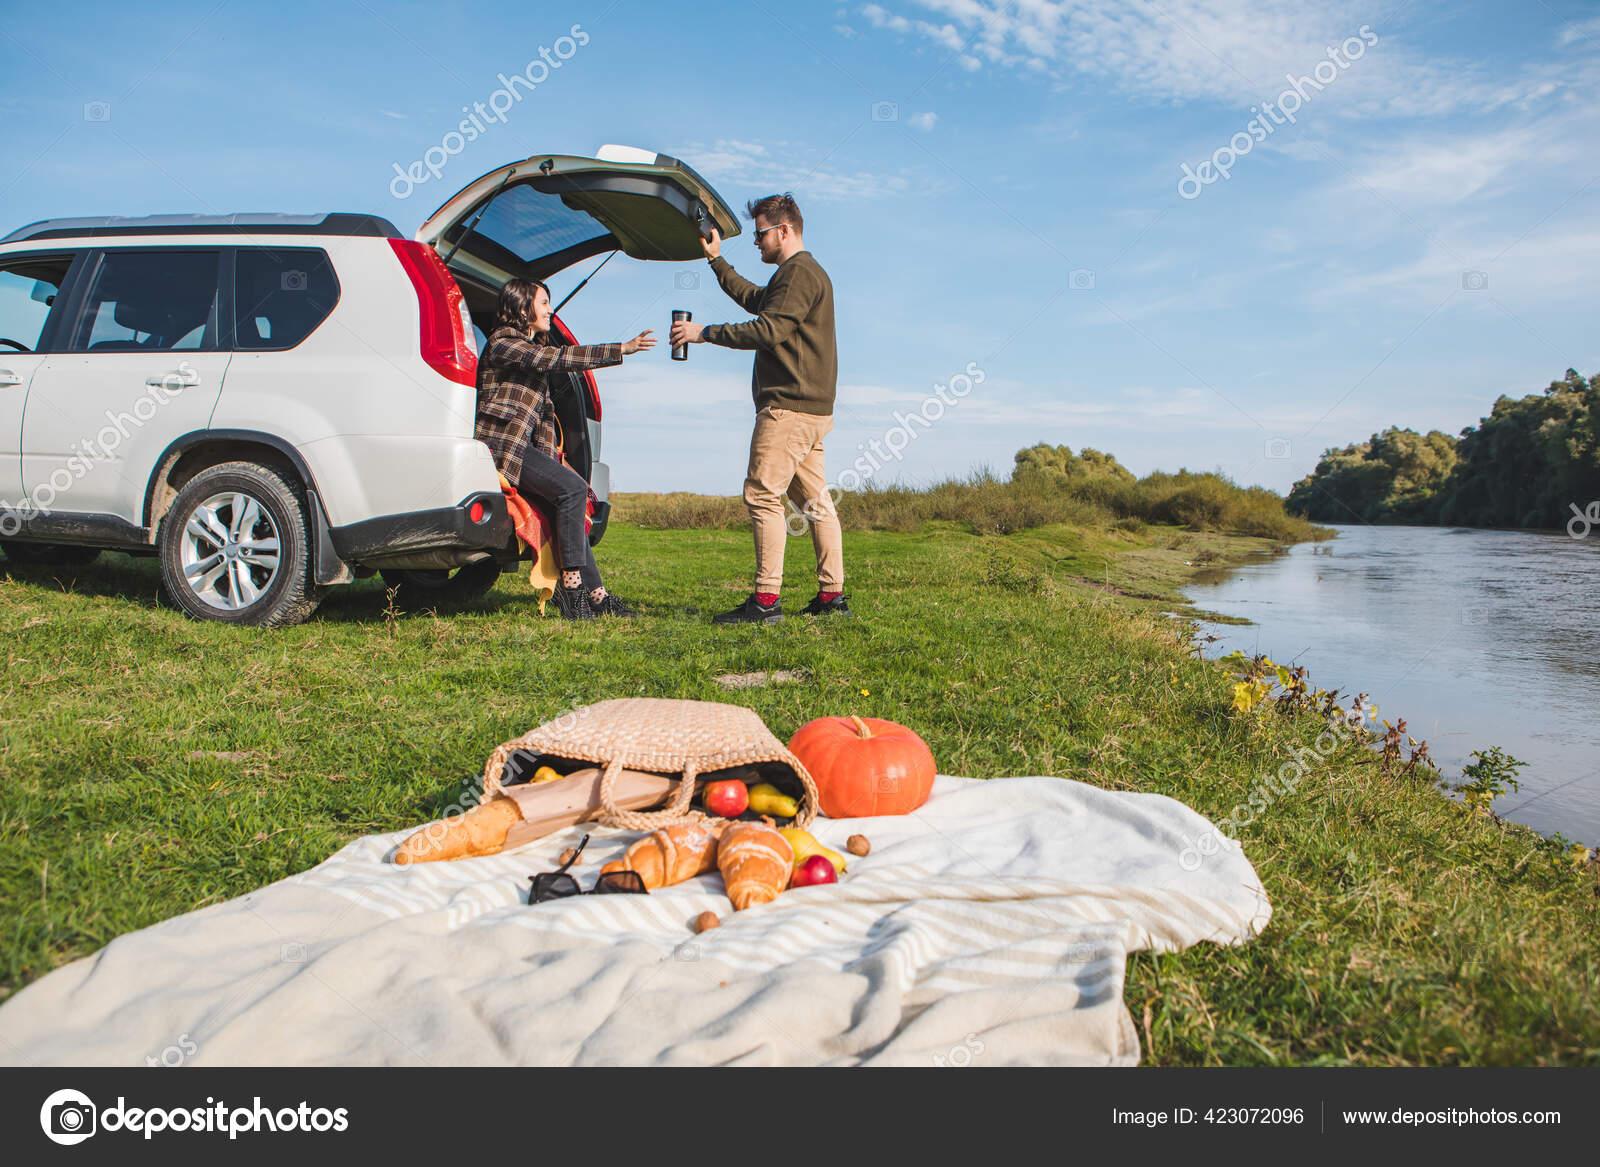 Picknick date